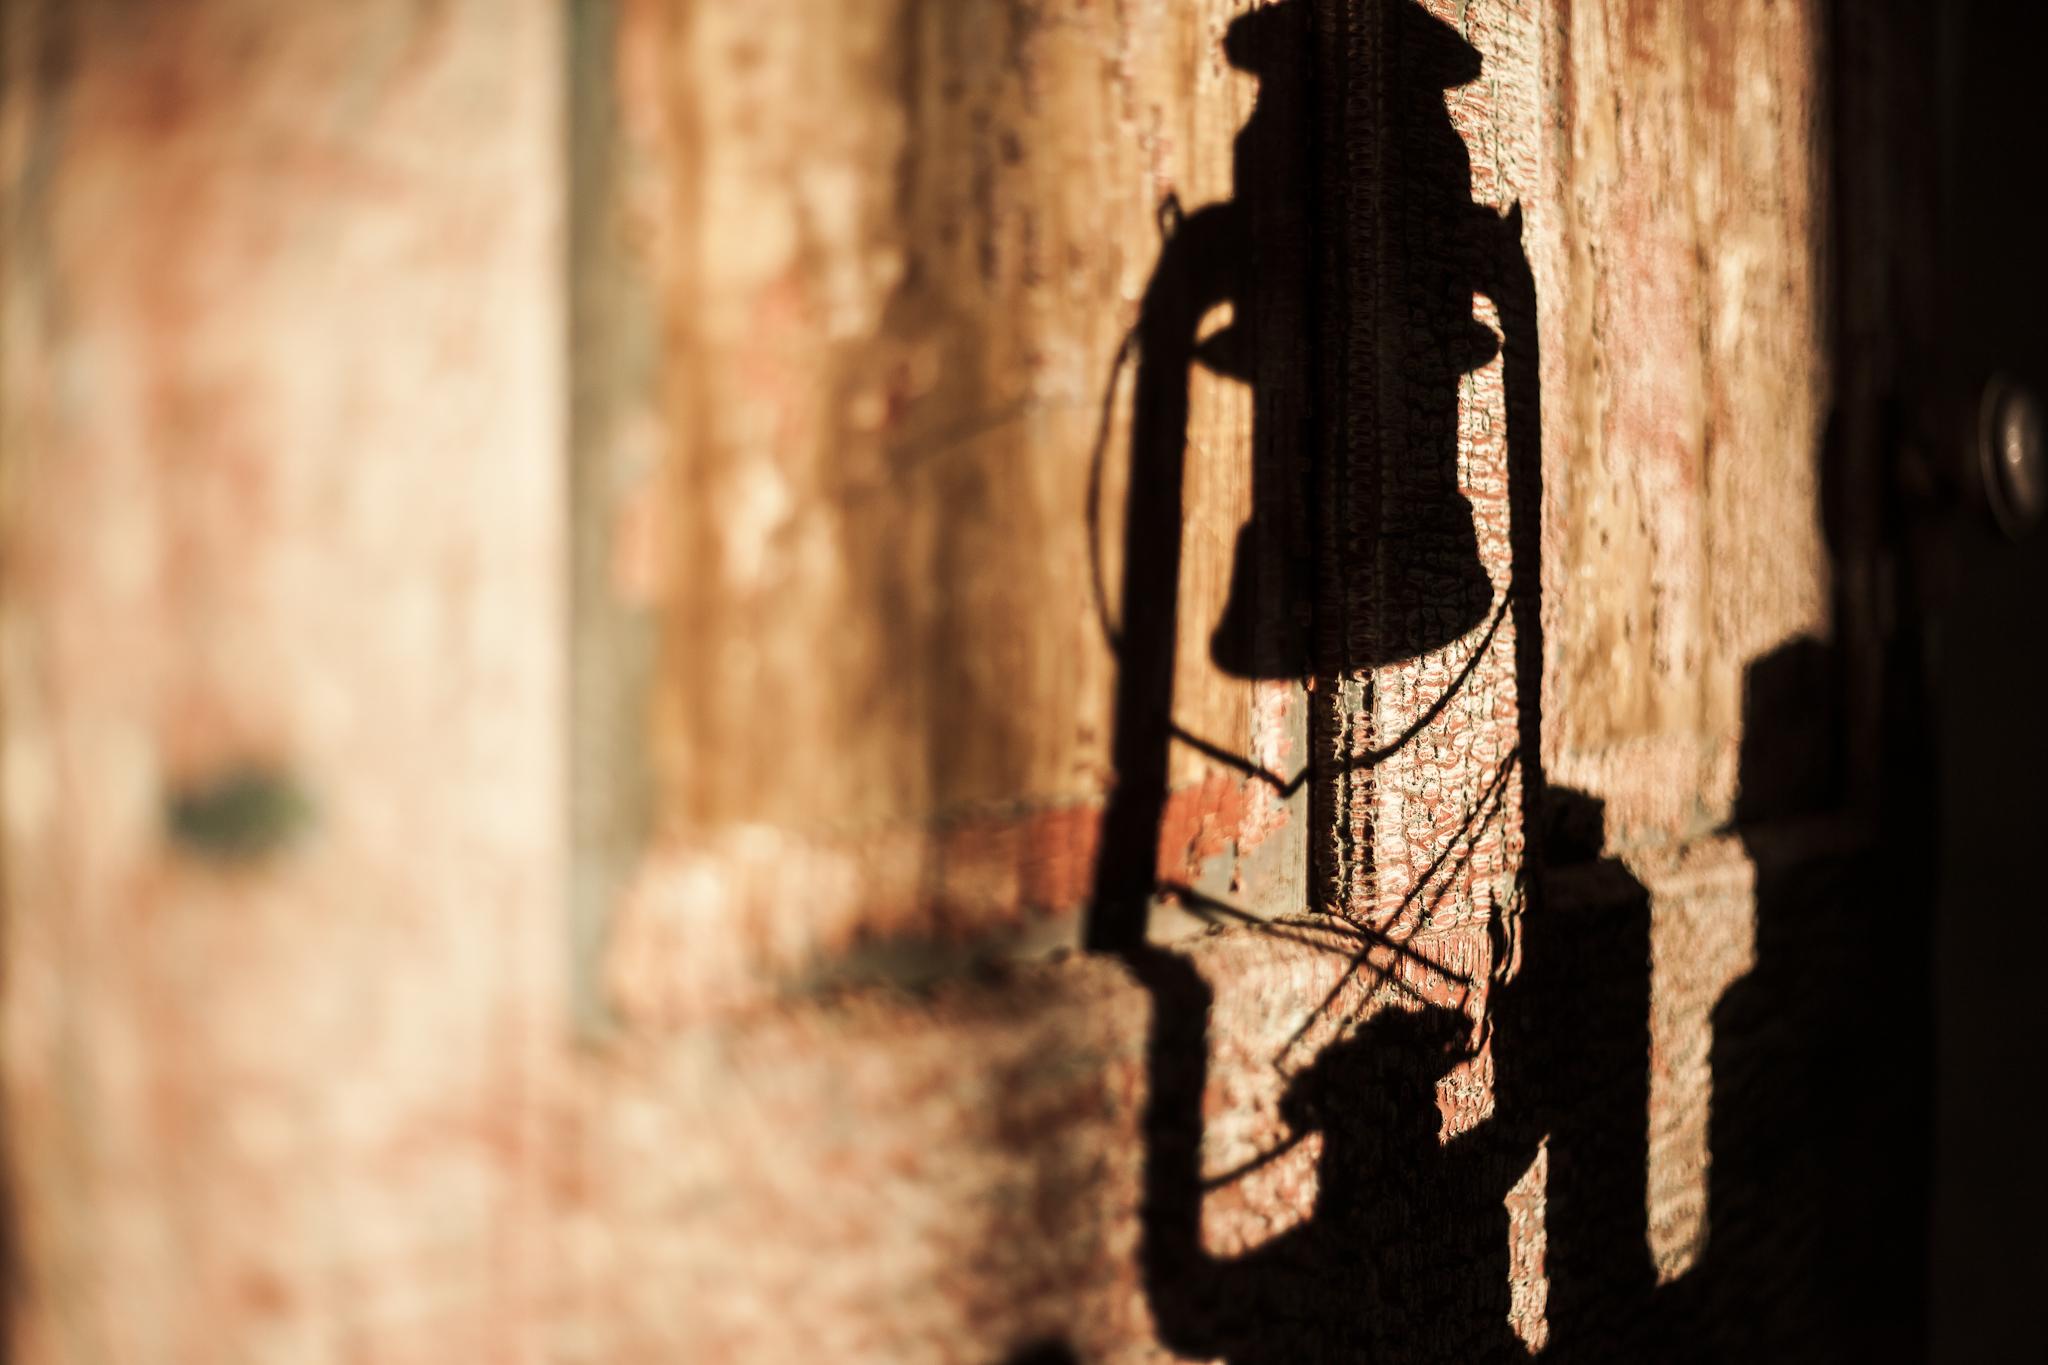 Antique Door with a Coal Oil Lamp Shadow